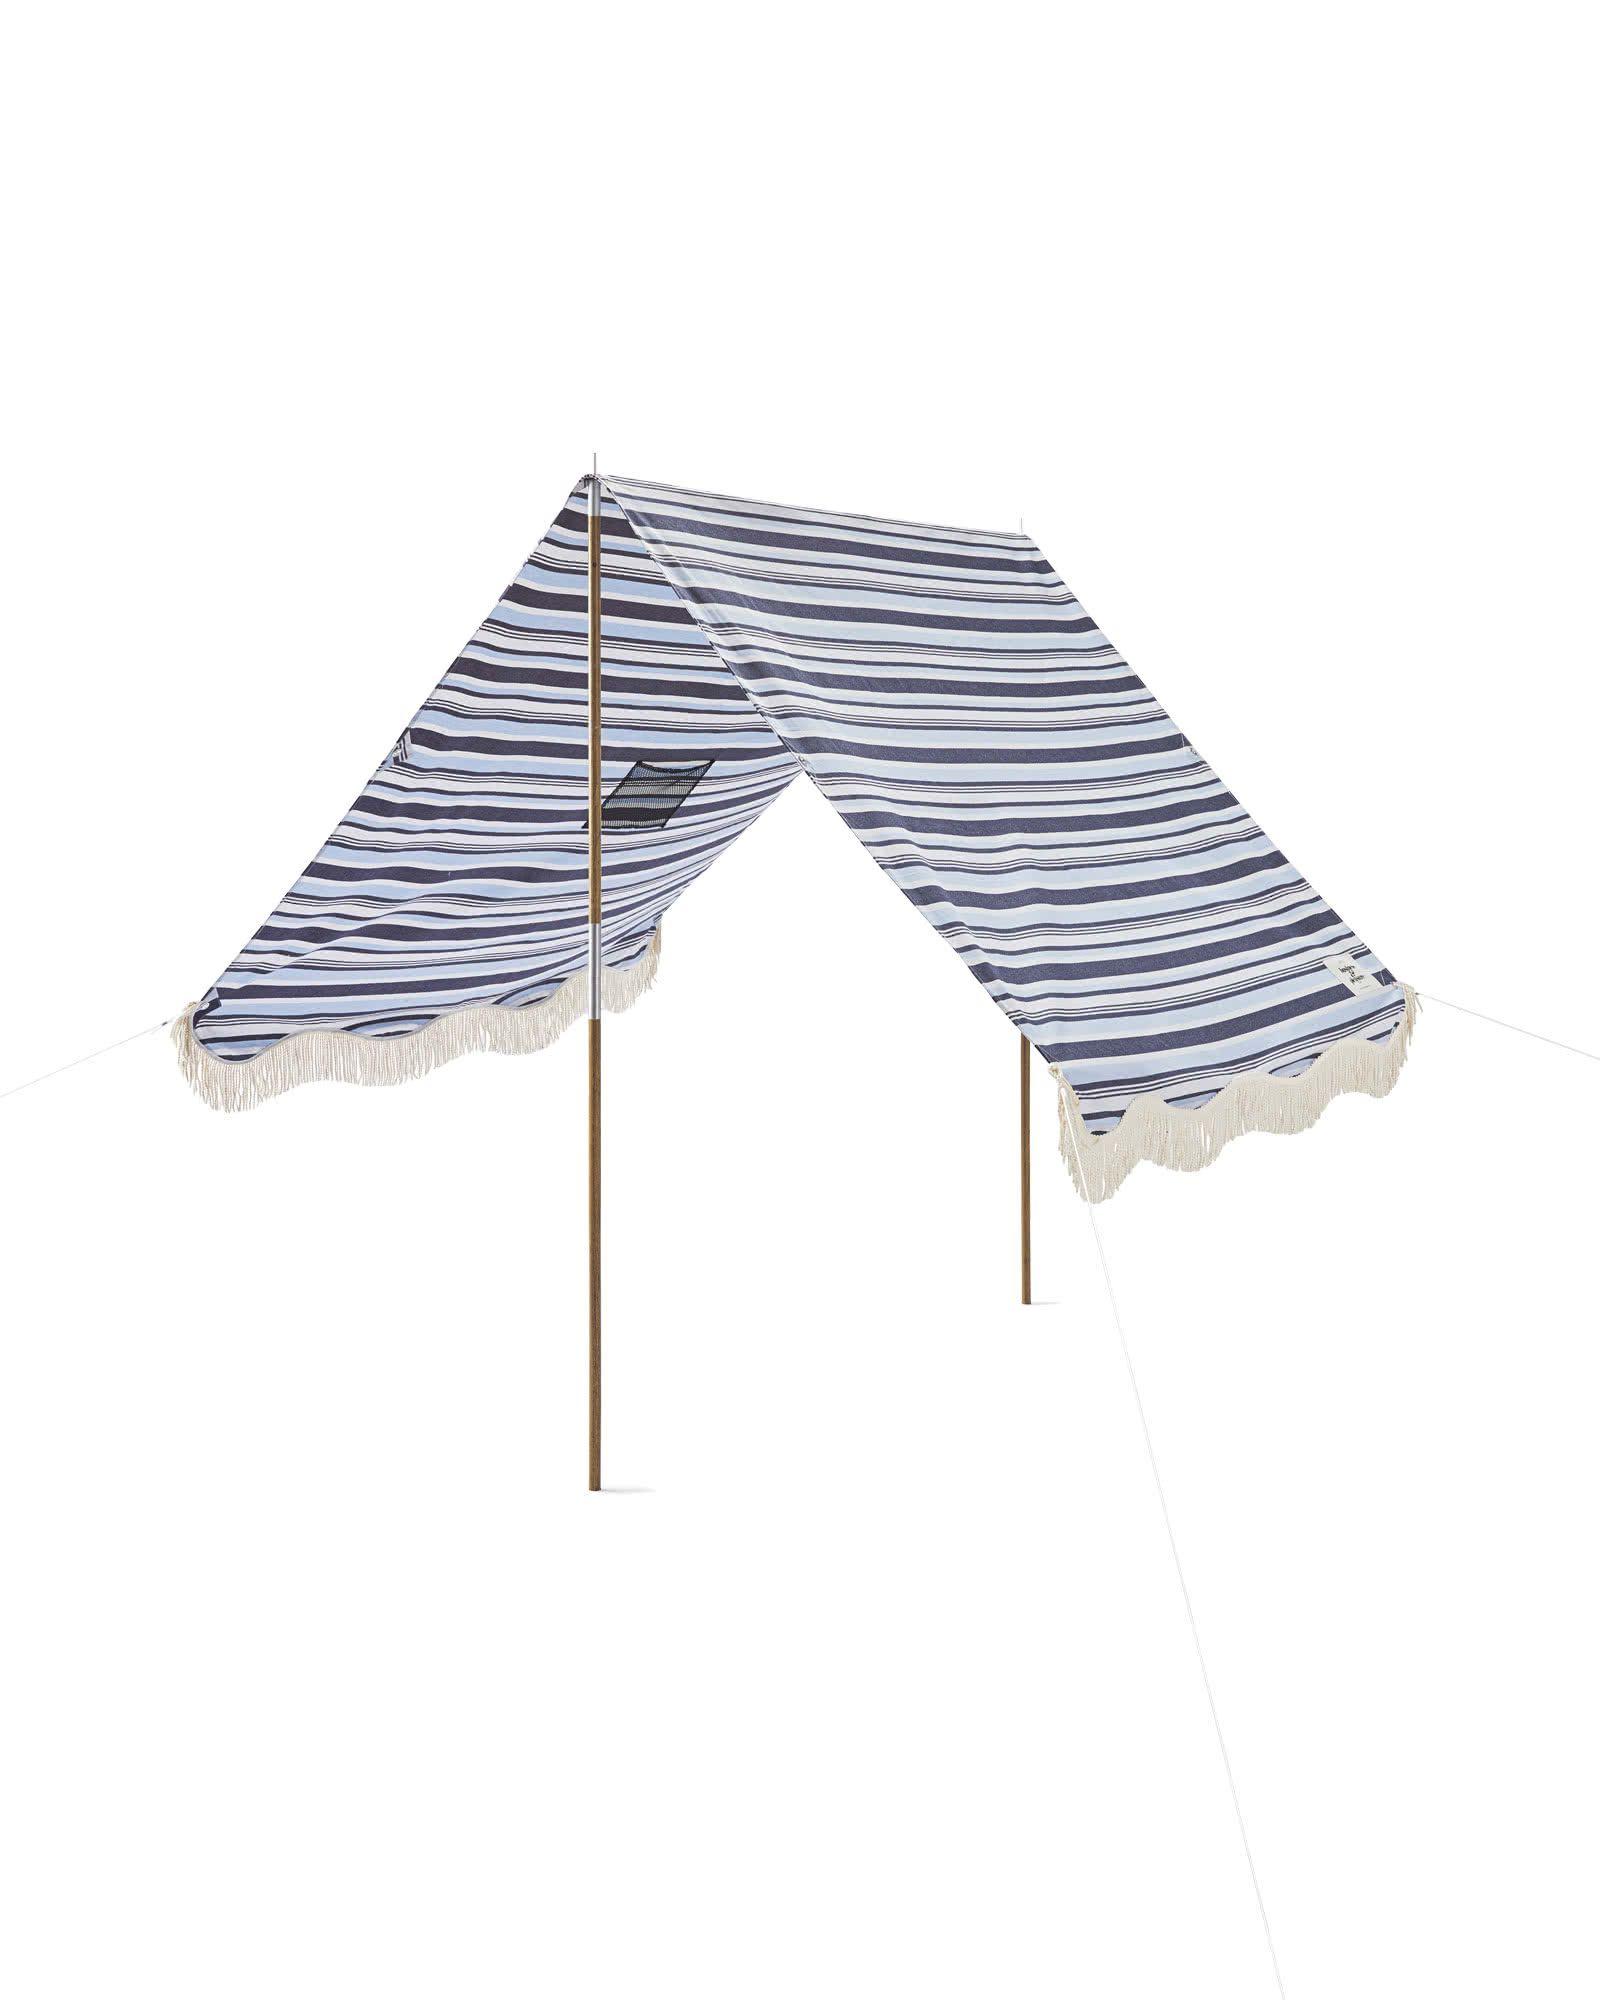 Hyannis Tent